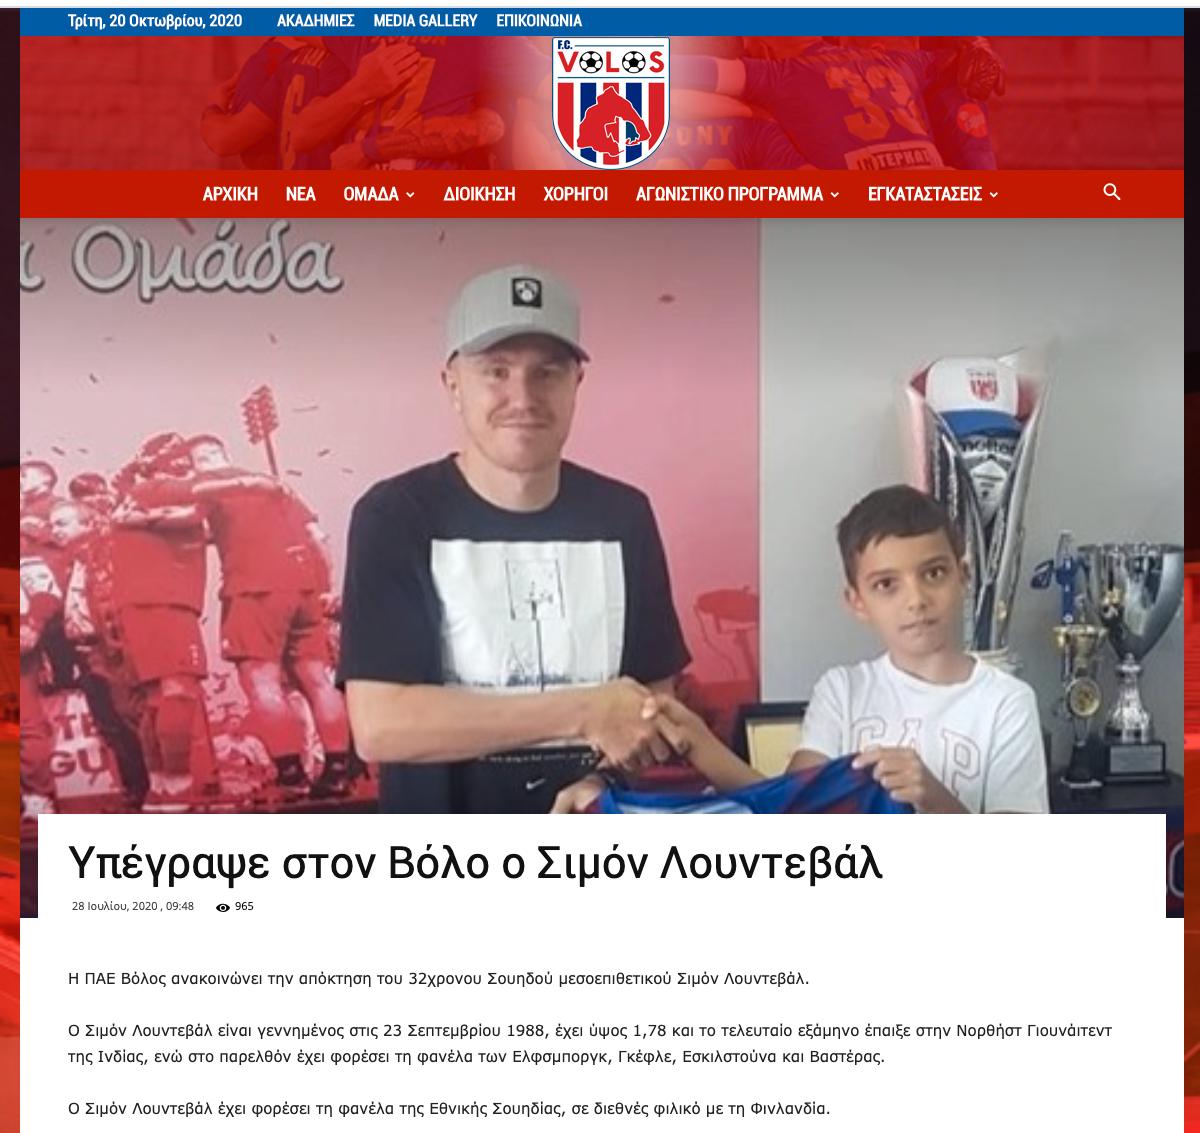 På Volos FC:s hemsida presenterades Simon Lundevall med en bild där han skakar hand med presidentenAchilleas Beosunge son.